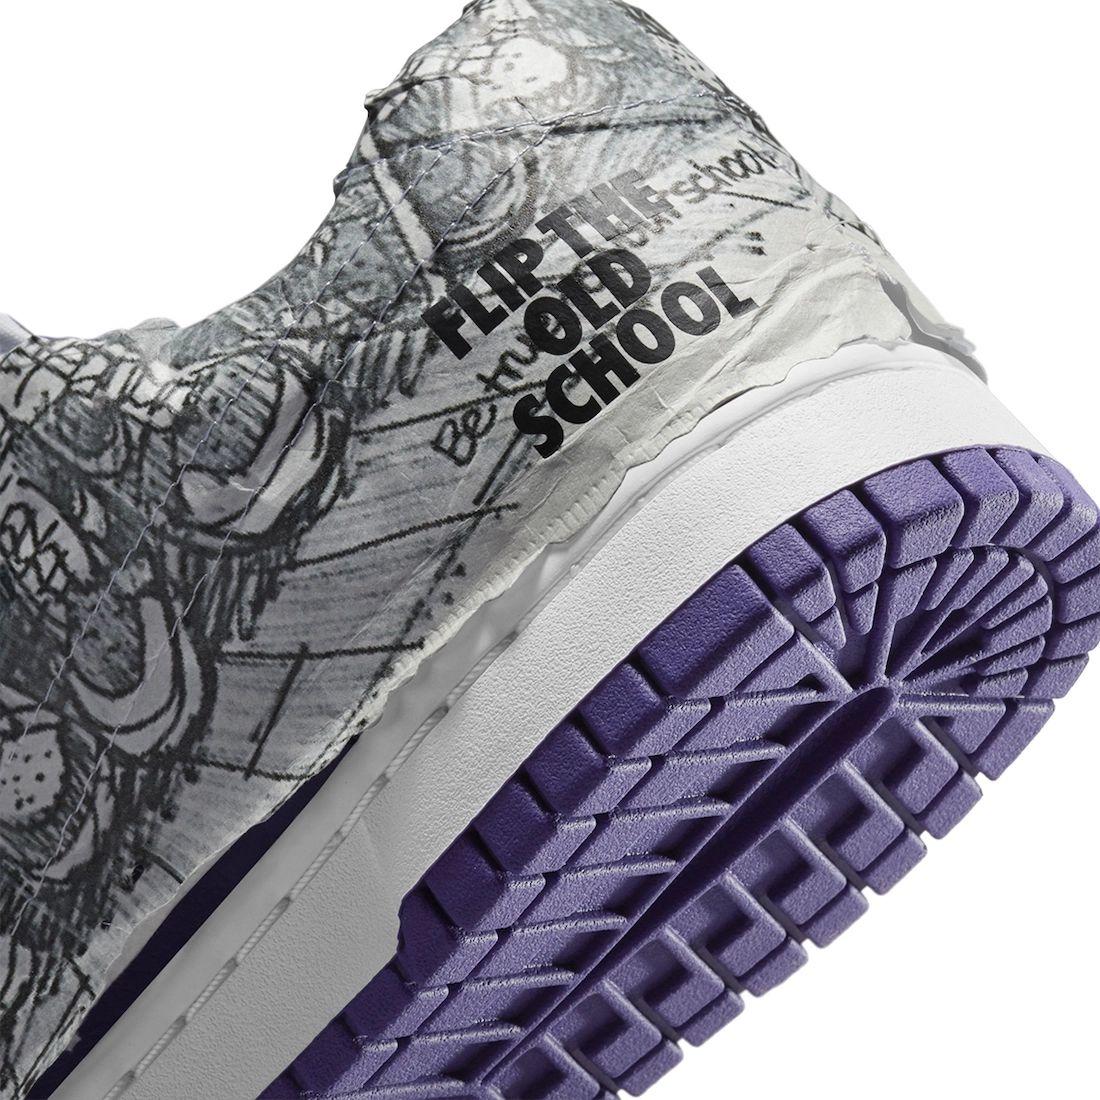 Nike Dunk Low Flip The Old School Release Date Info